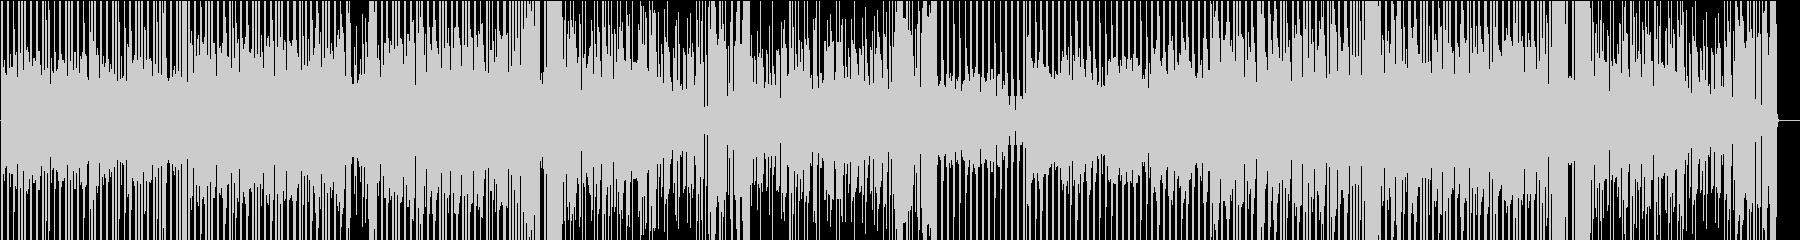 戦闘をイメージしたBGMの未再生の波形